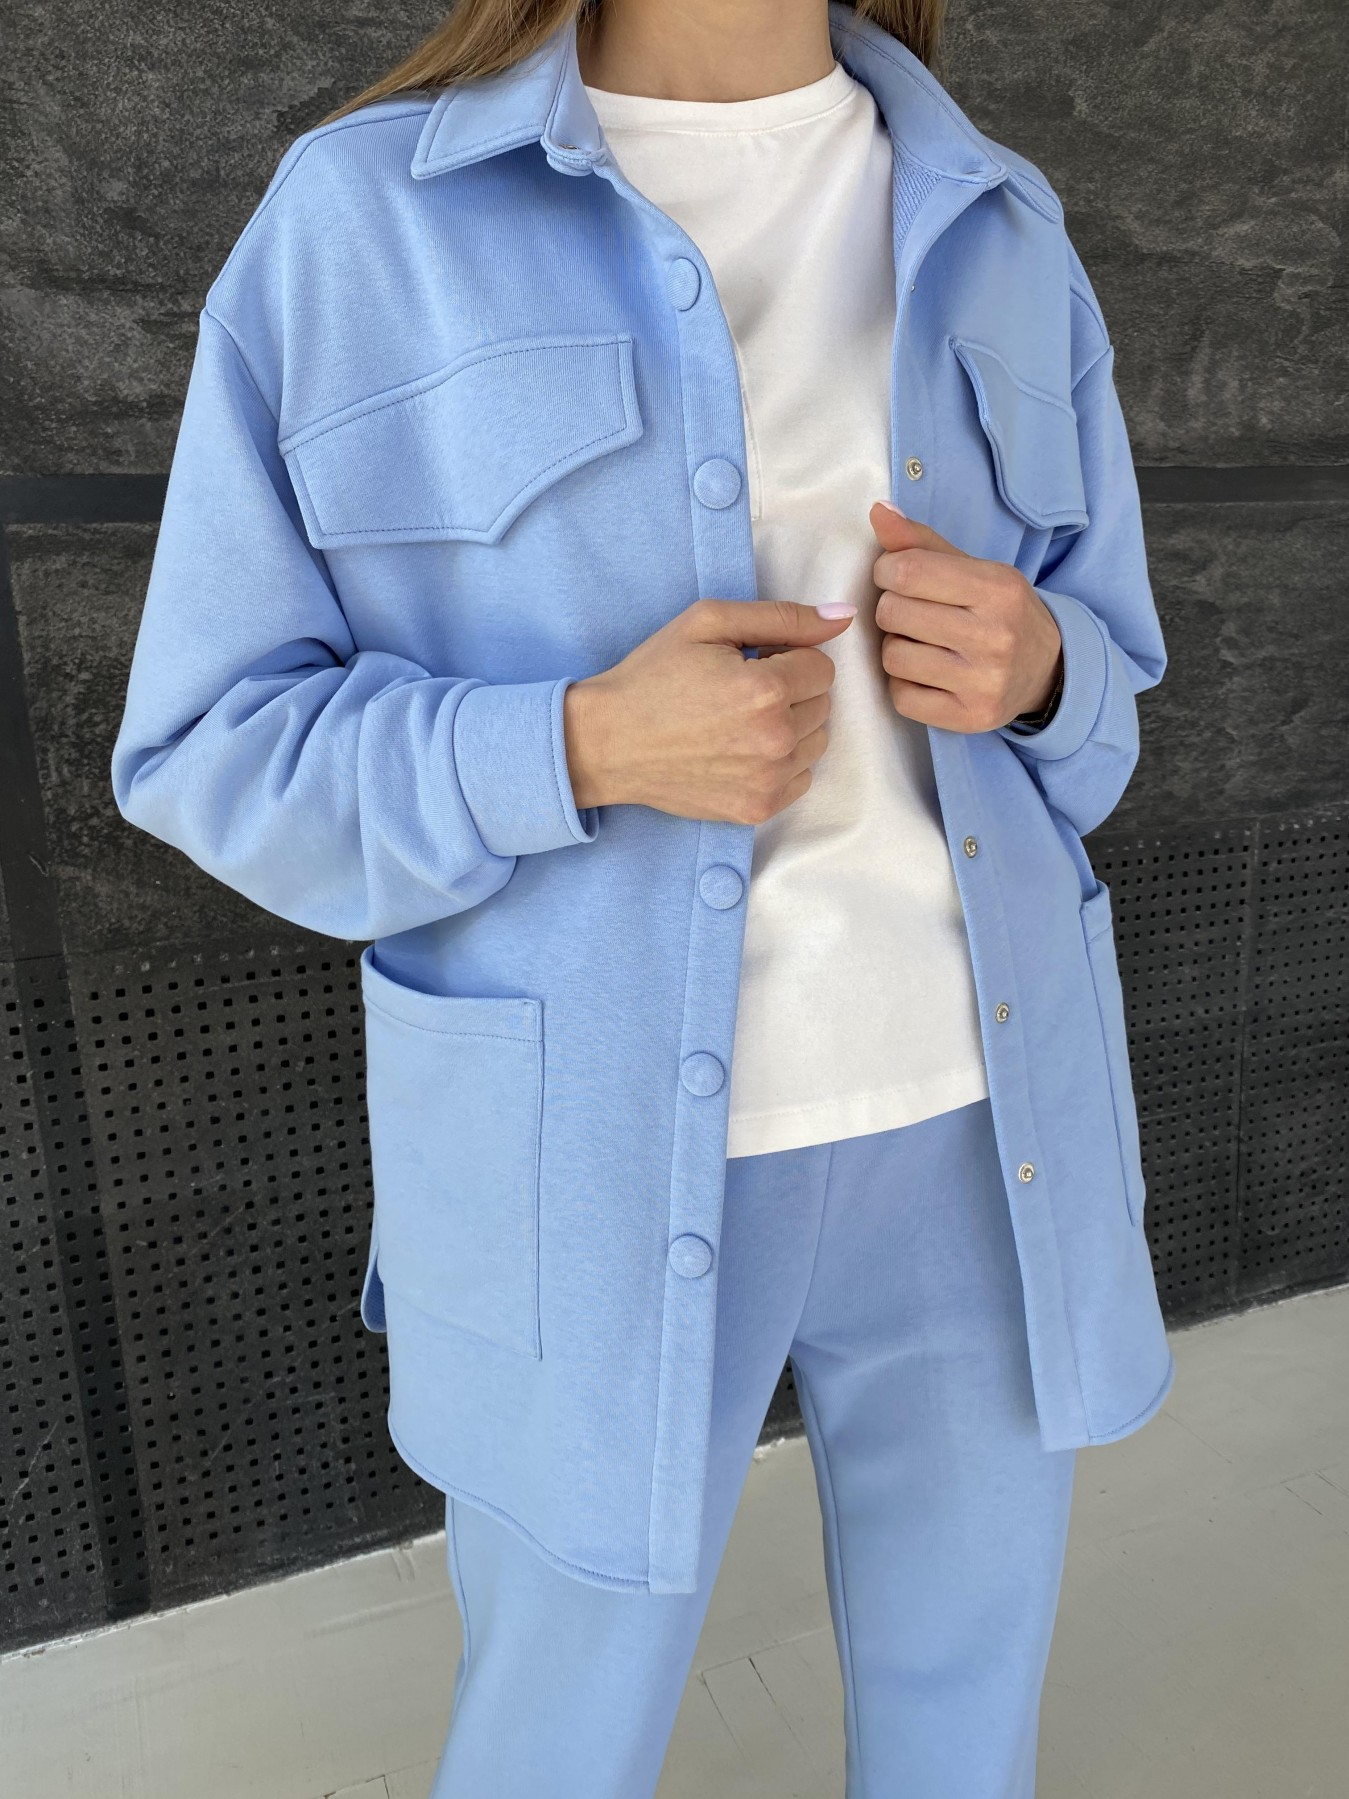 Респект костюм из трикотажа  3х нитка 11055 АРТ. 47575 Цвет: Голубой - фото 1, интернет магазин tm-modus.ru